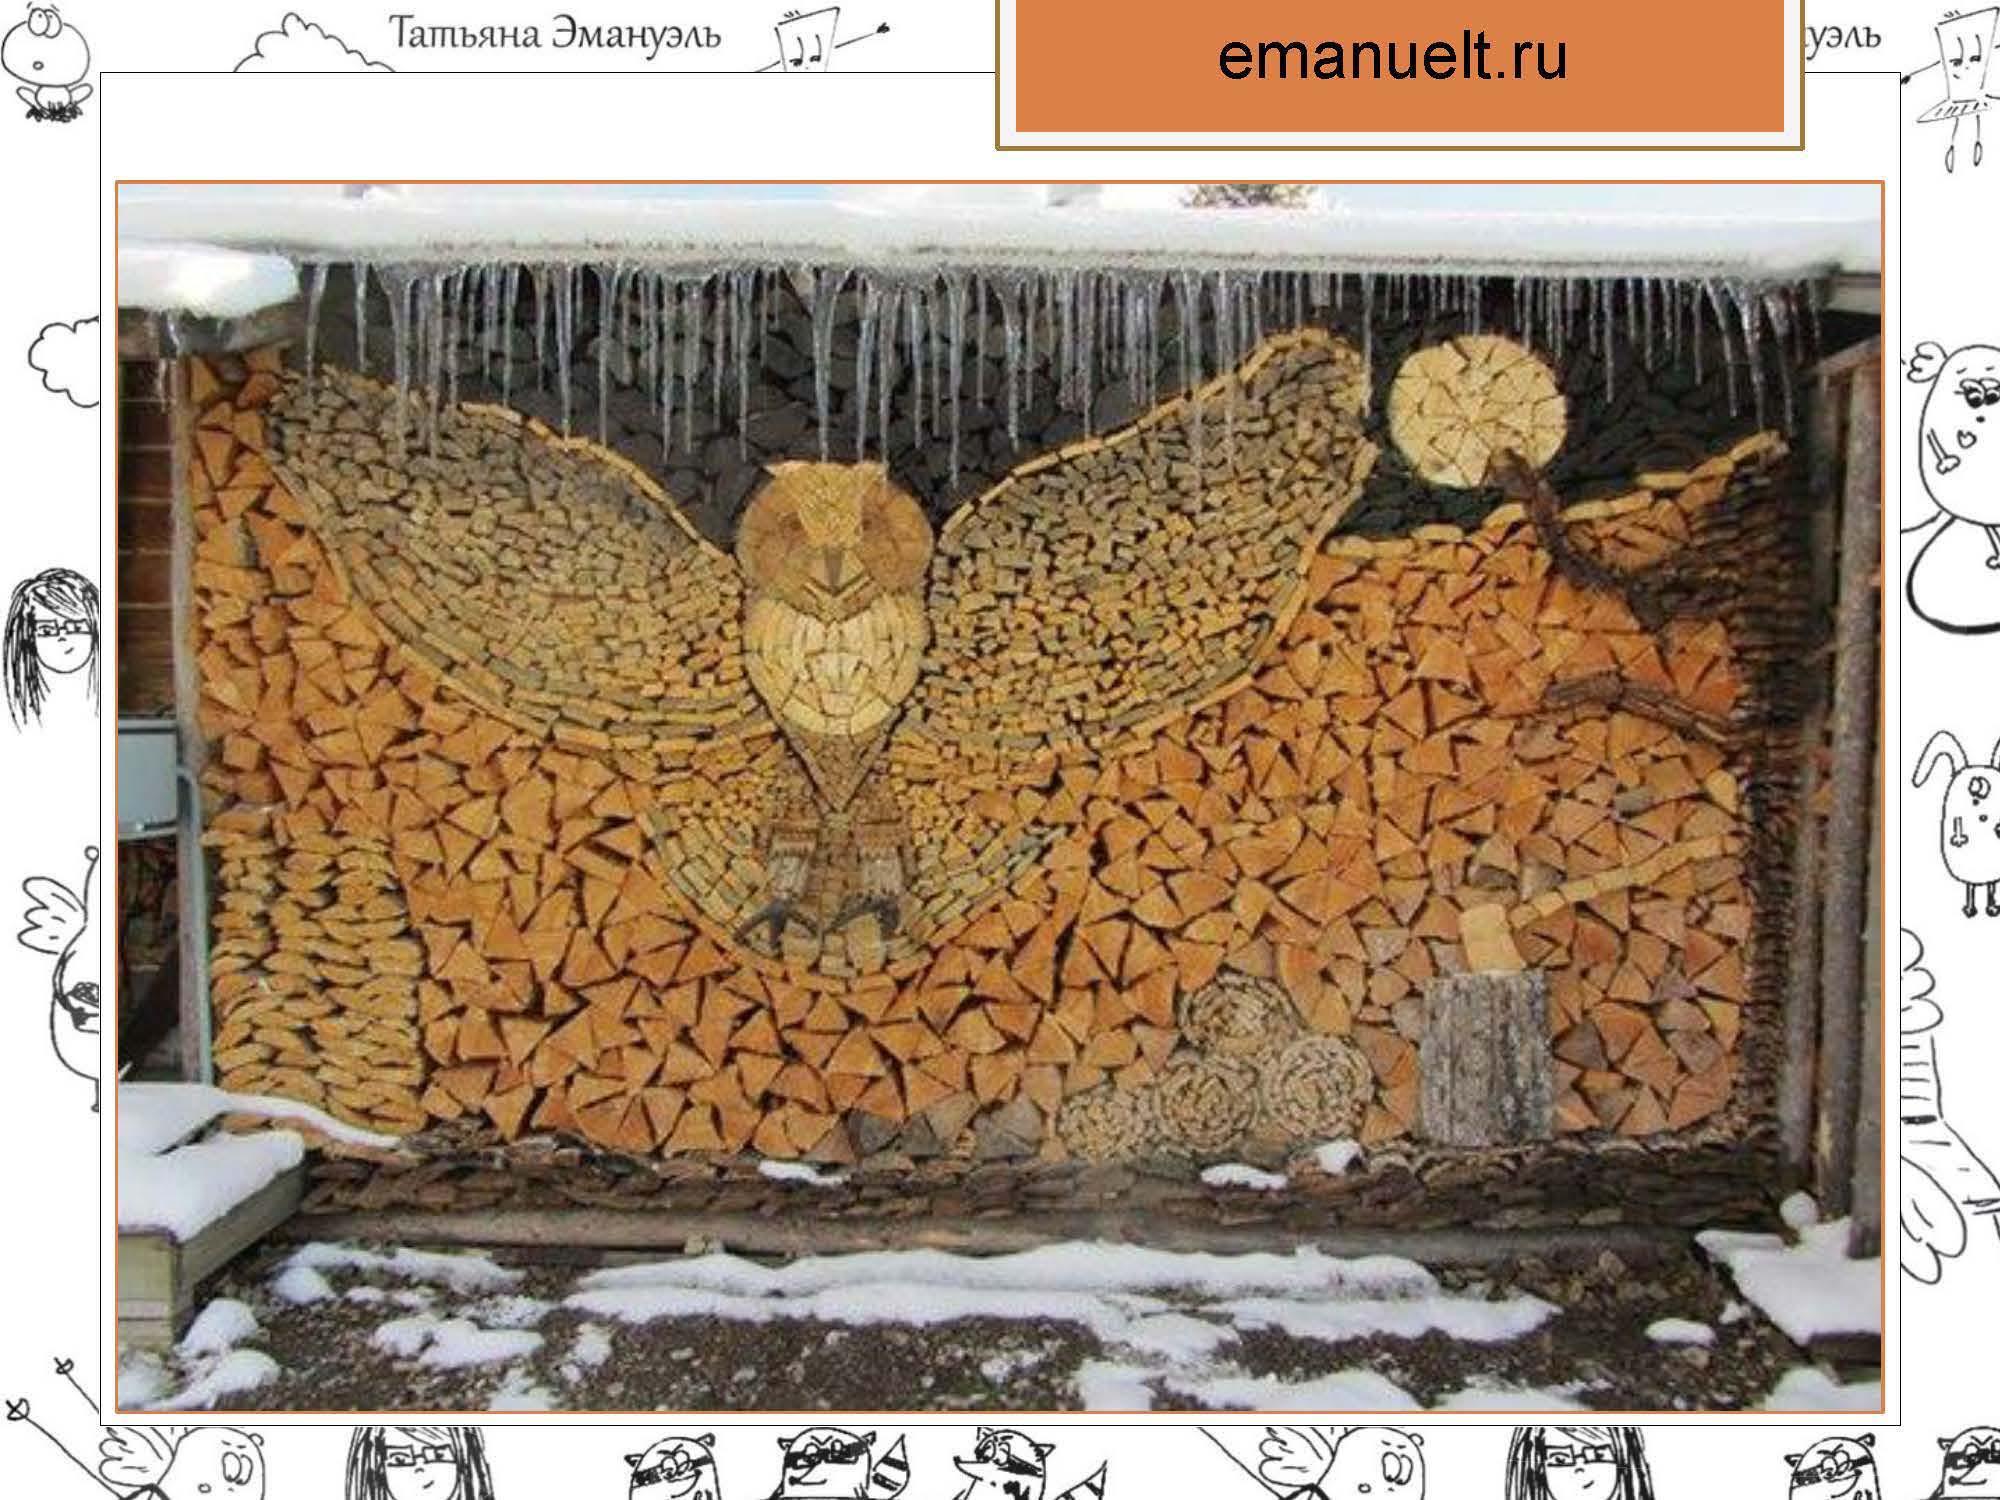 секция 8. Эмануэль Т.С., Московский район_Страница_29